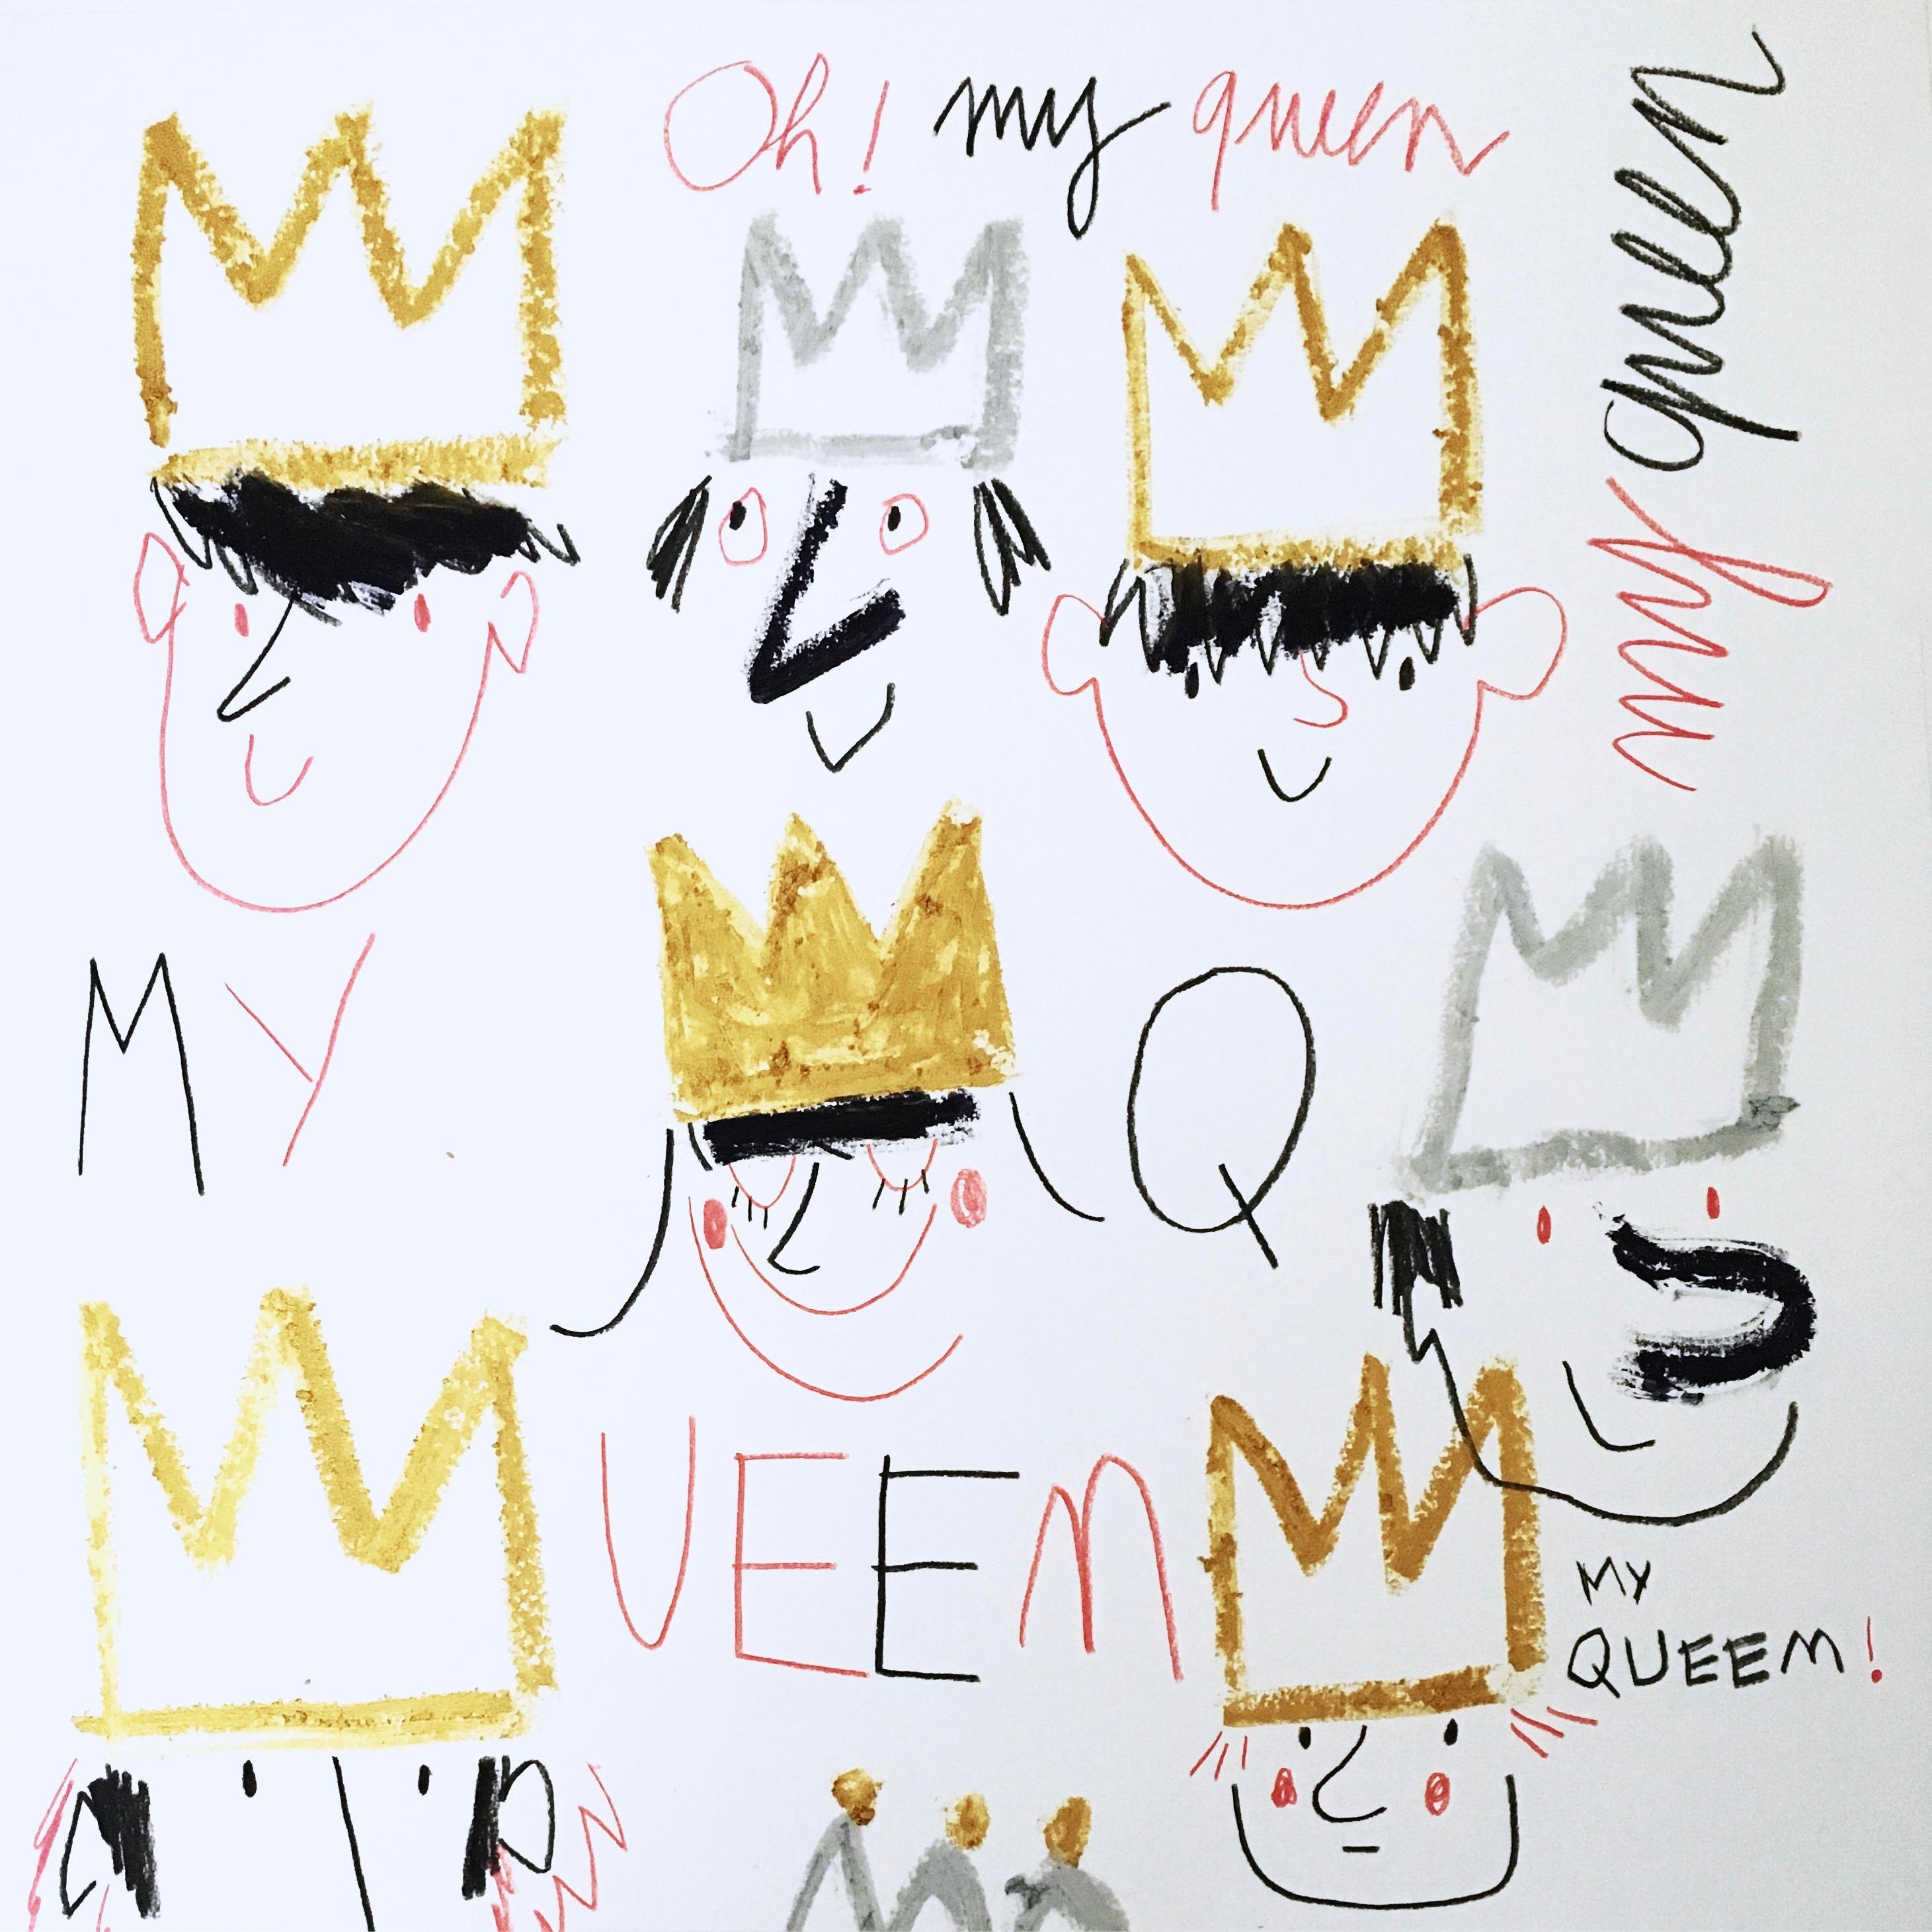 Oh! My Queen